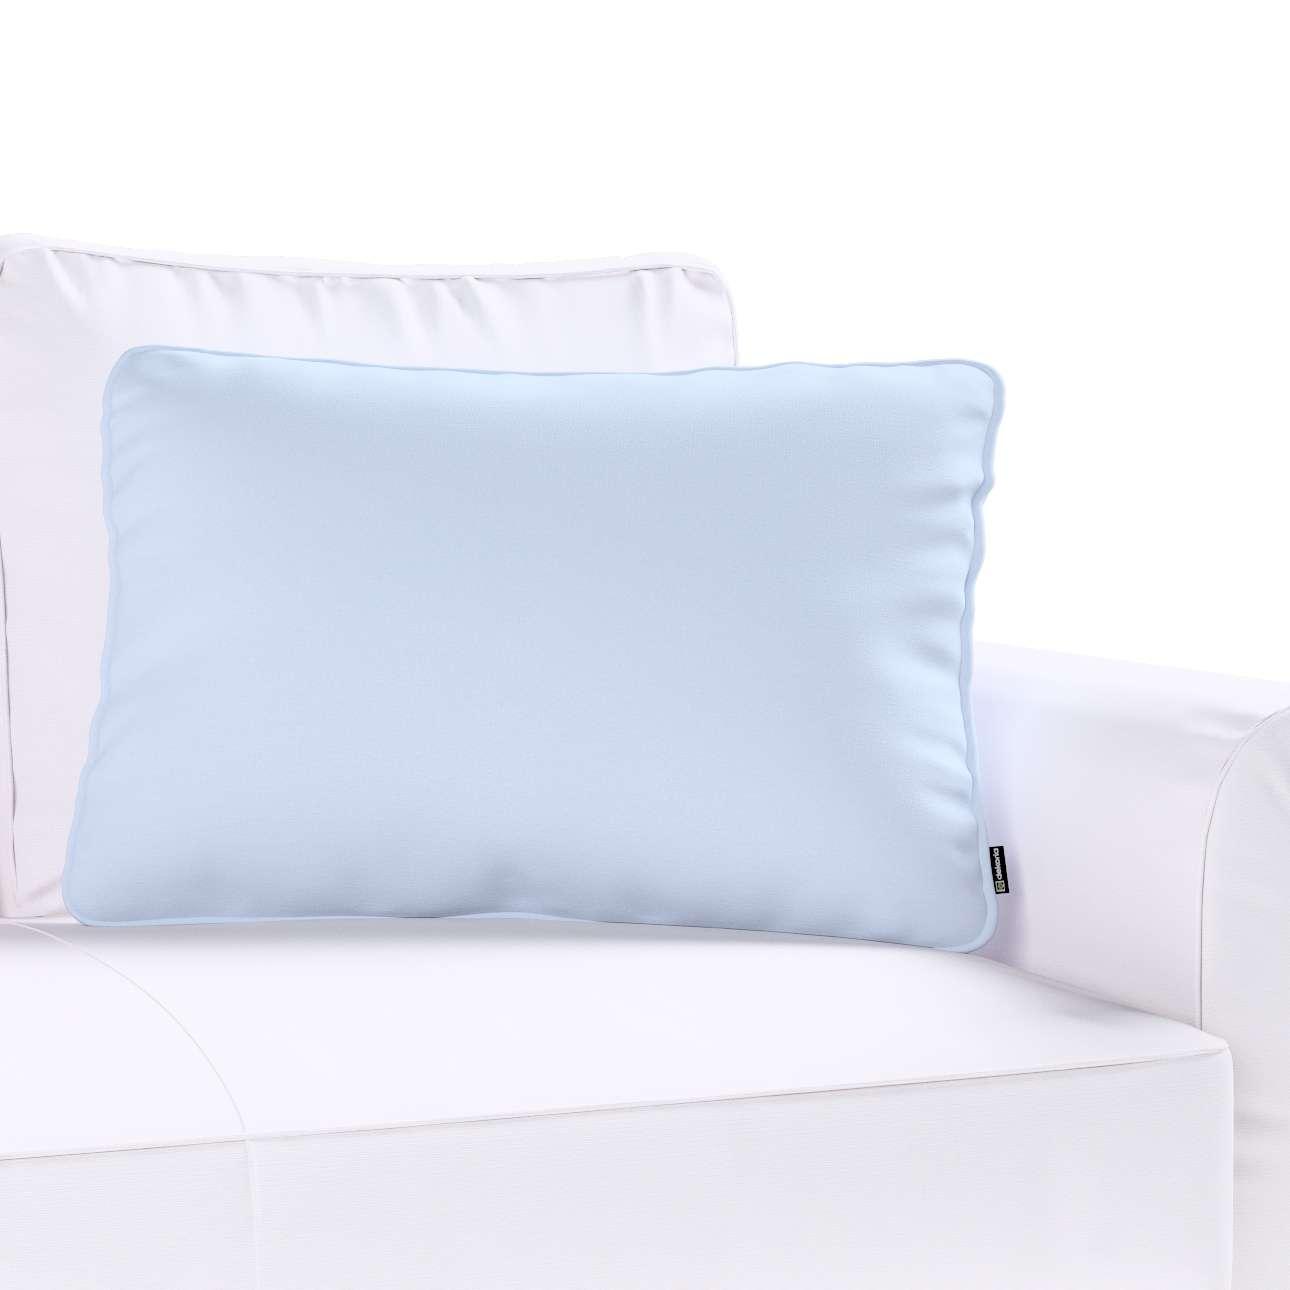 Poszewka Gabi na poduszkę prostokątna w kolekcji Loneta, tkanina: 133-35